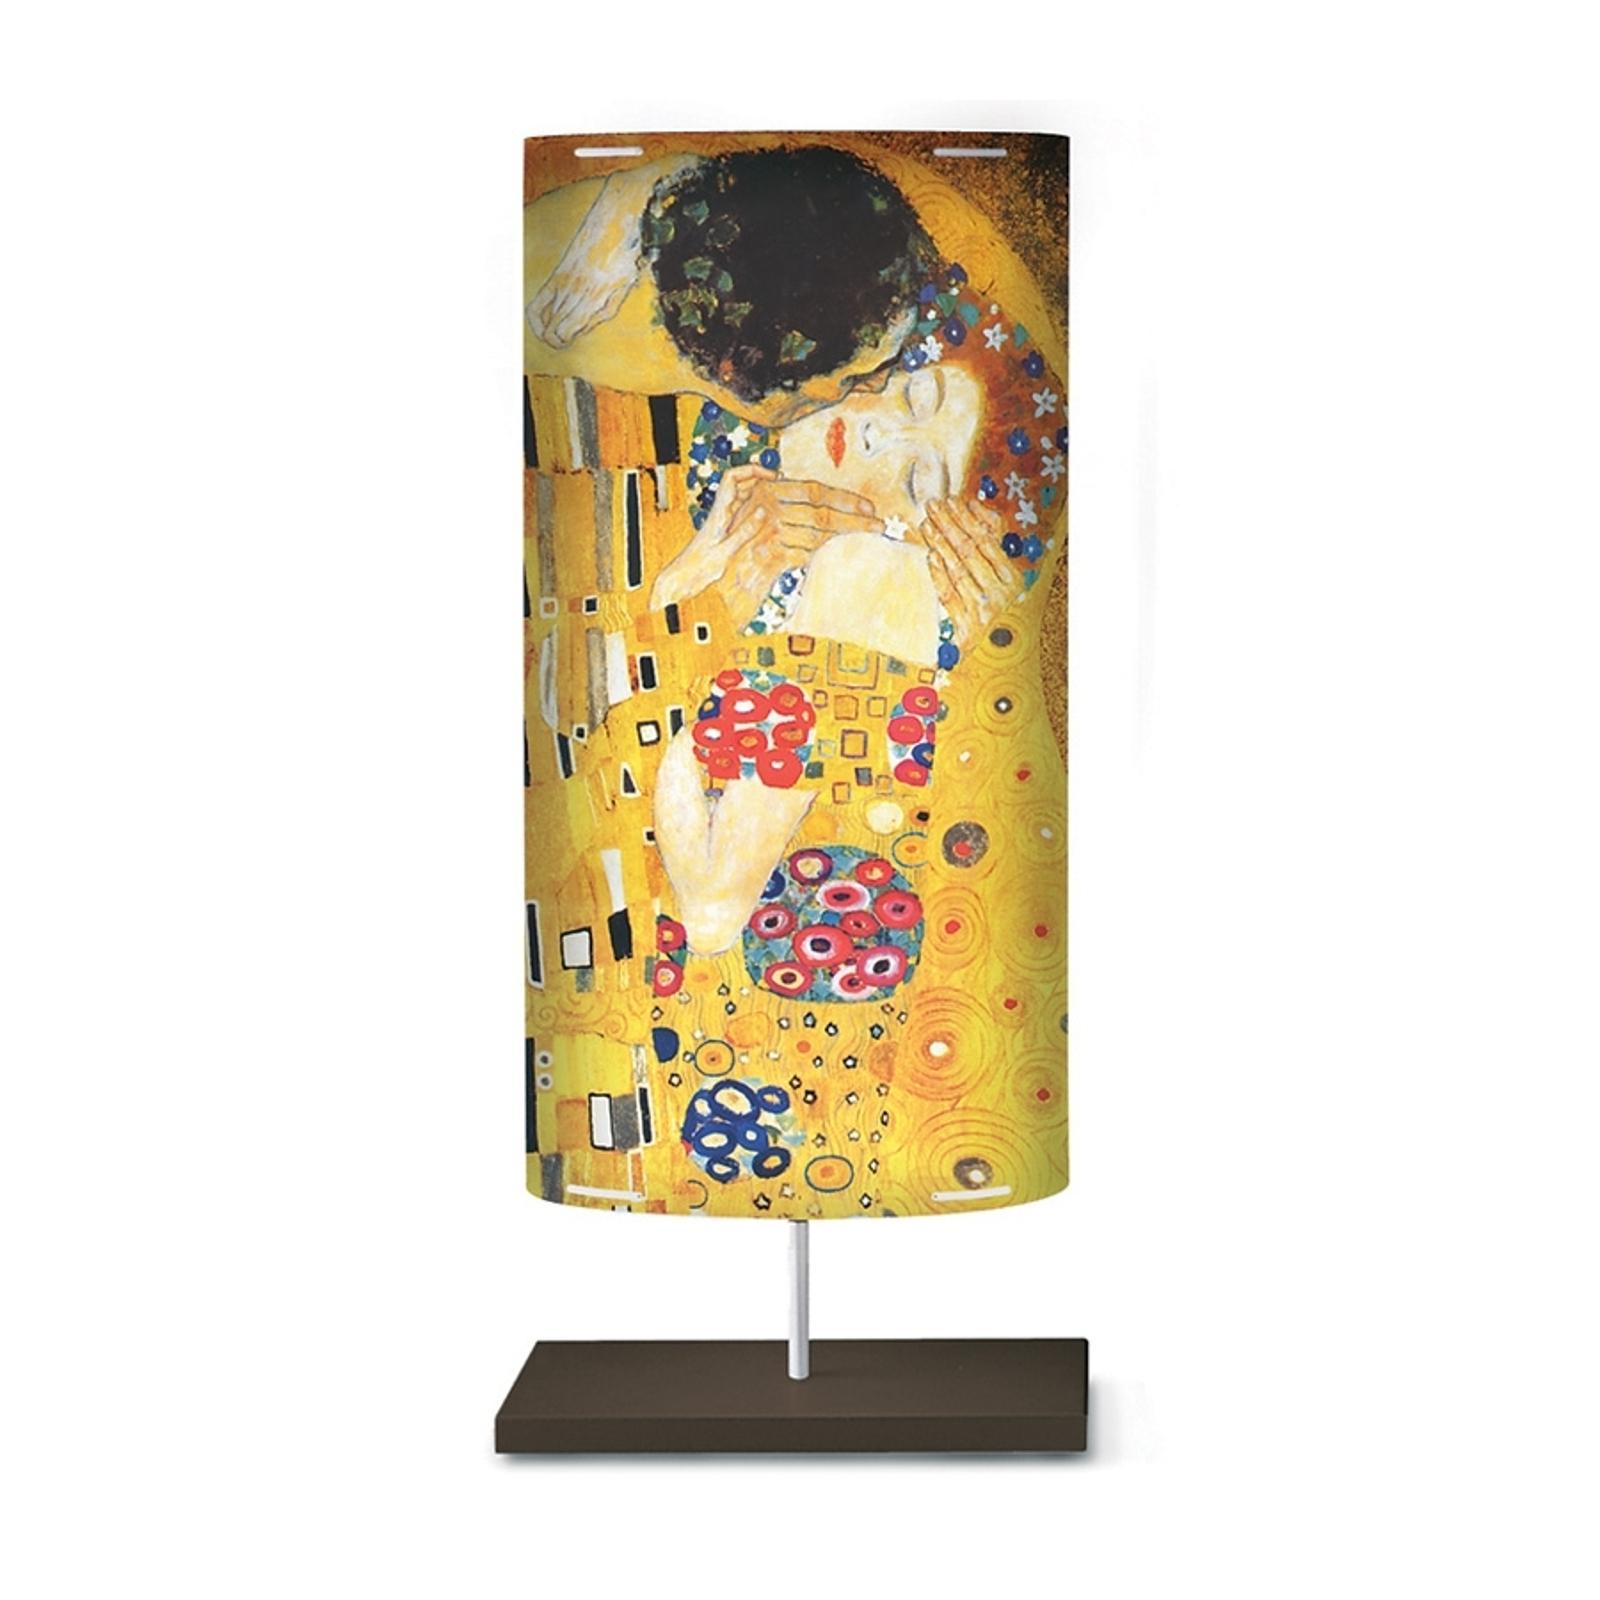 Kunstmotiv på stålampen Klimt III